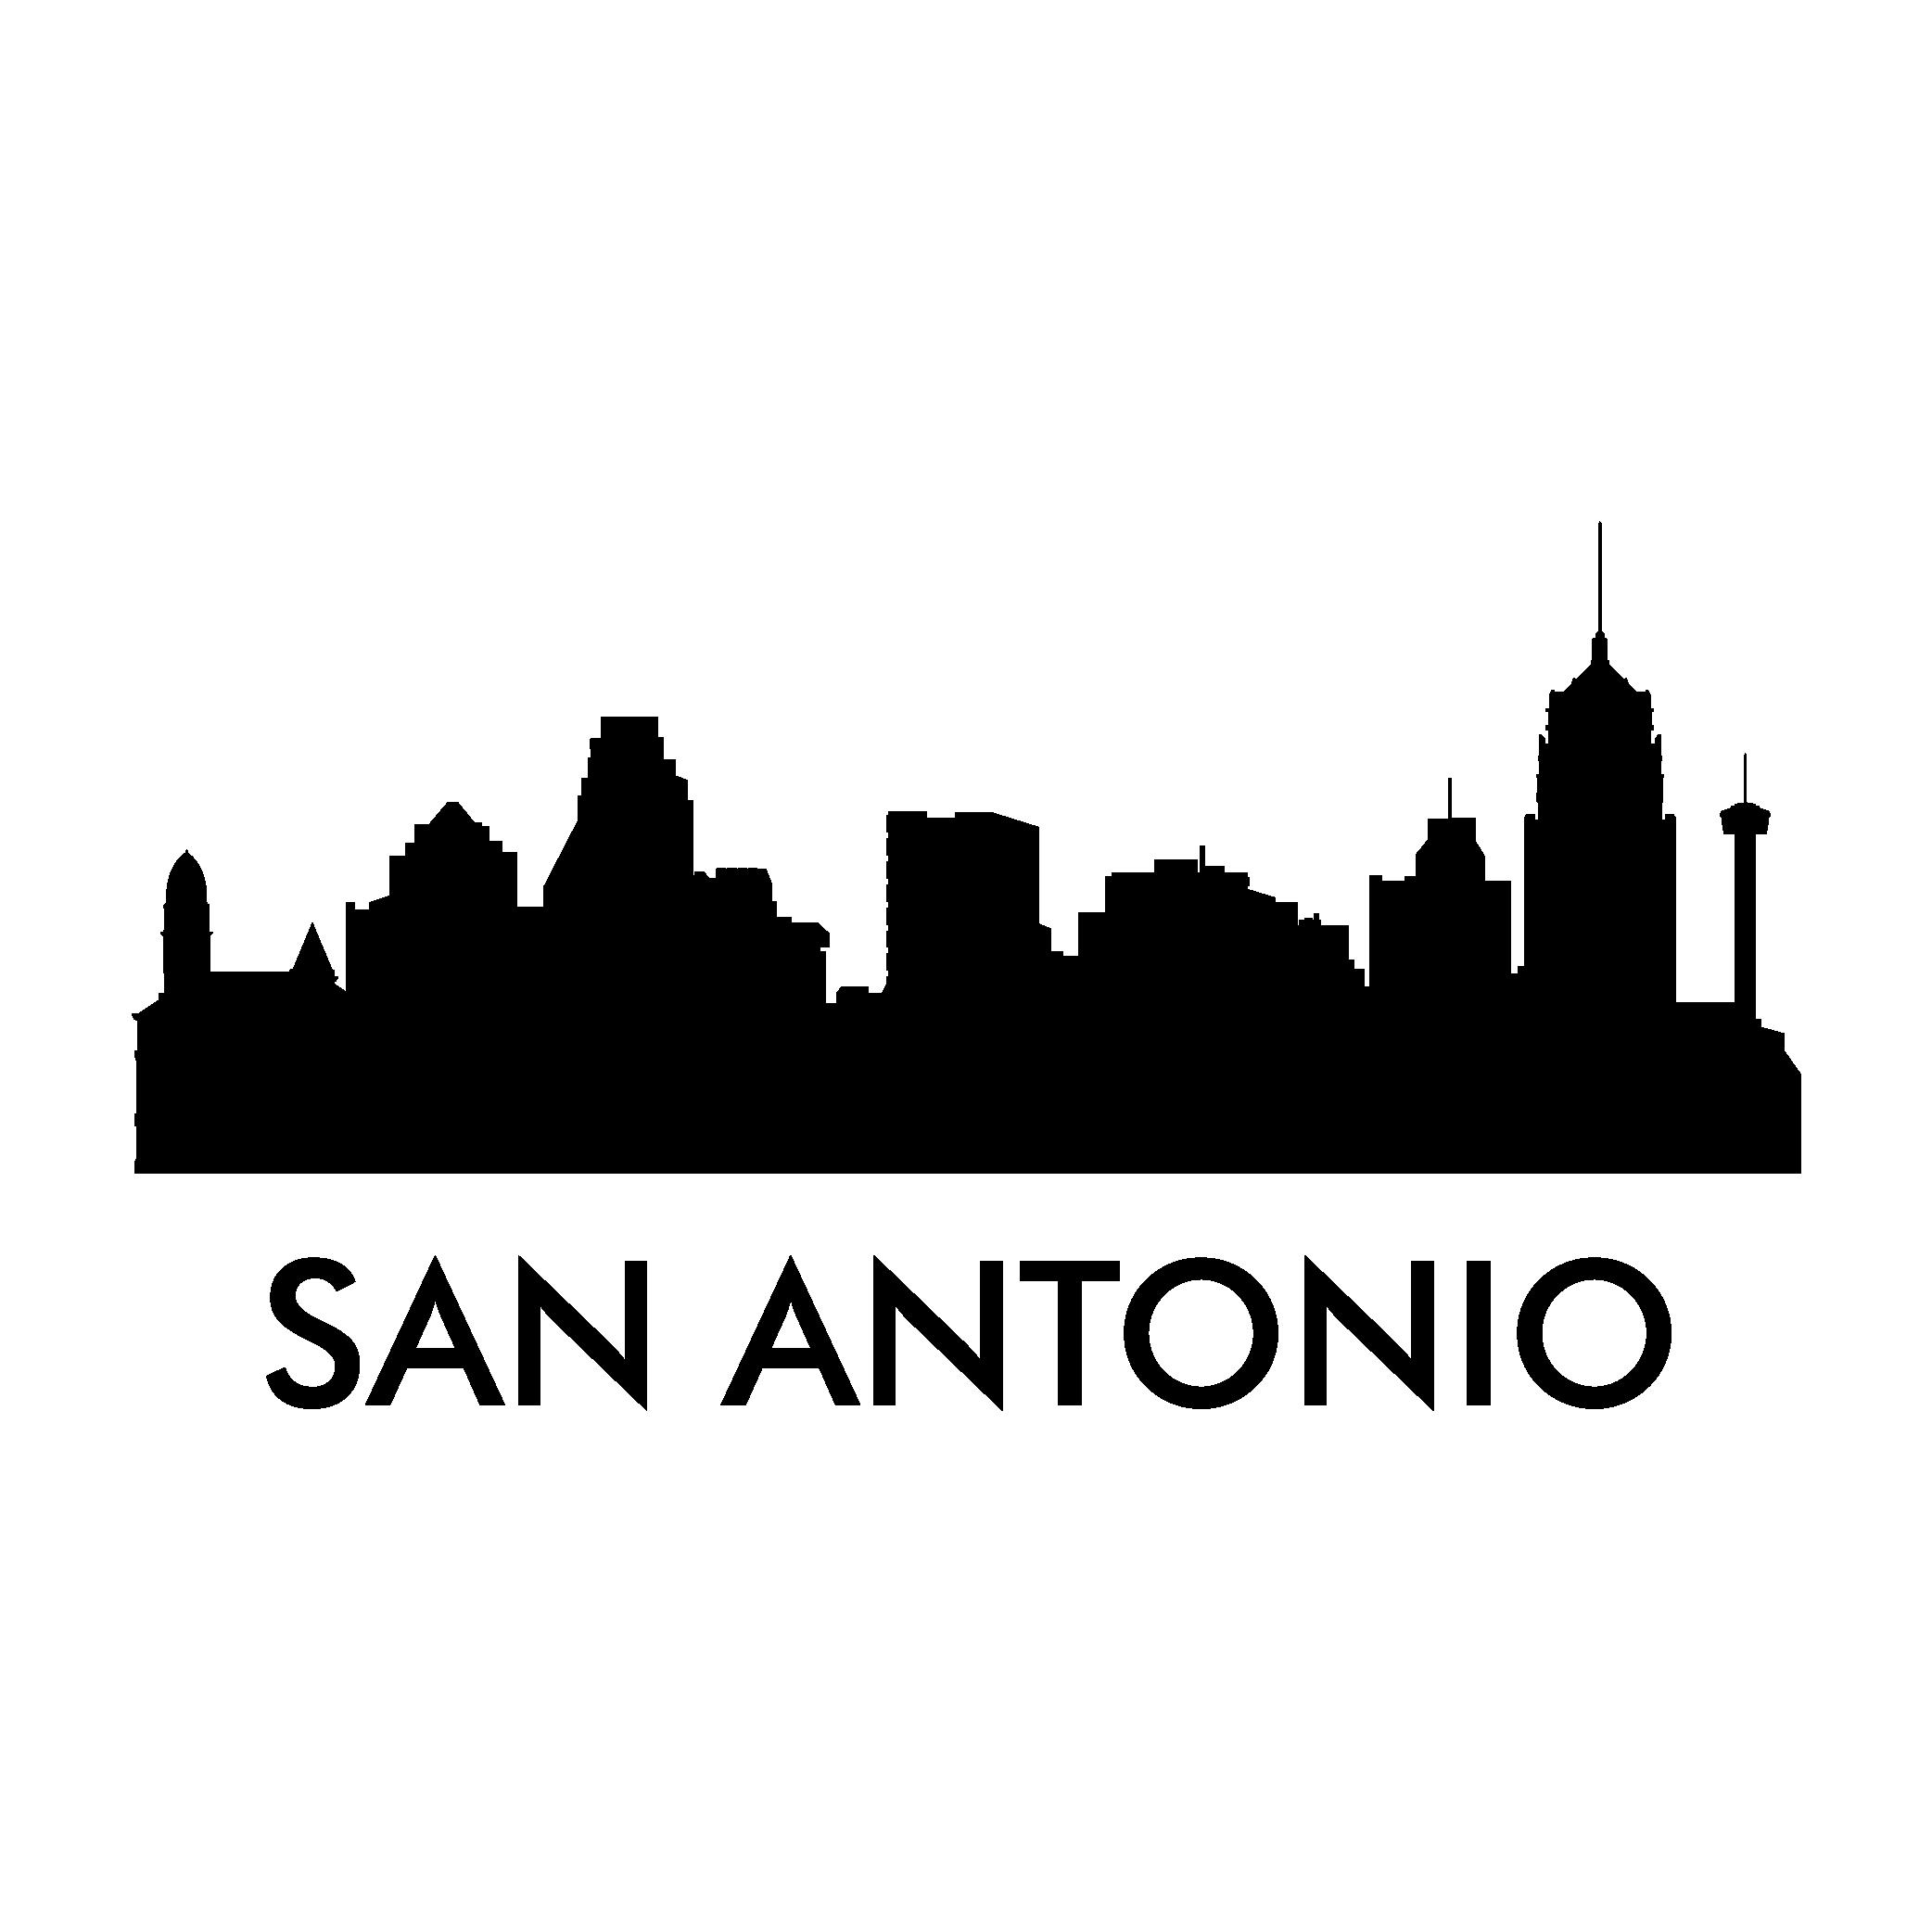 2084x2084 15 San Antonio Skyline Png For Free Download On Mbtskoudsalg